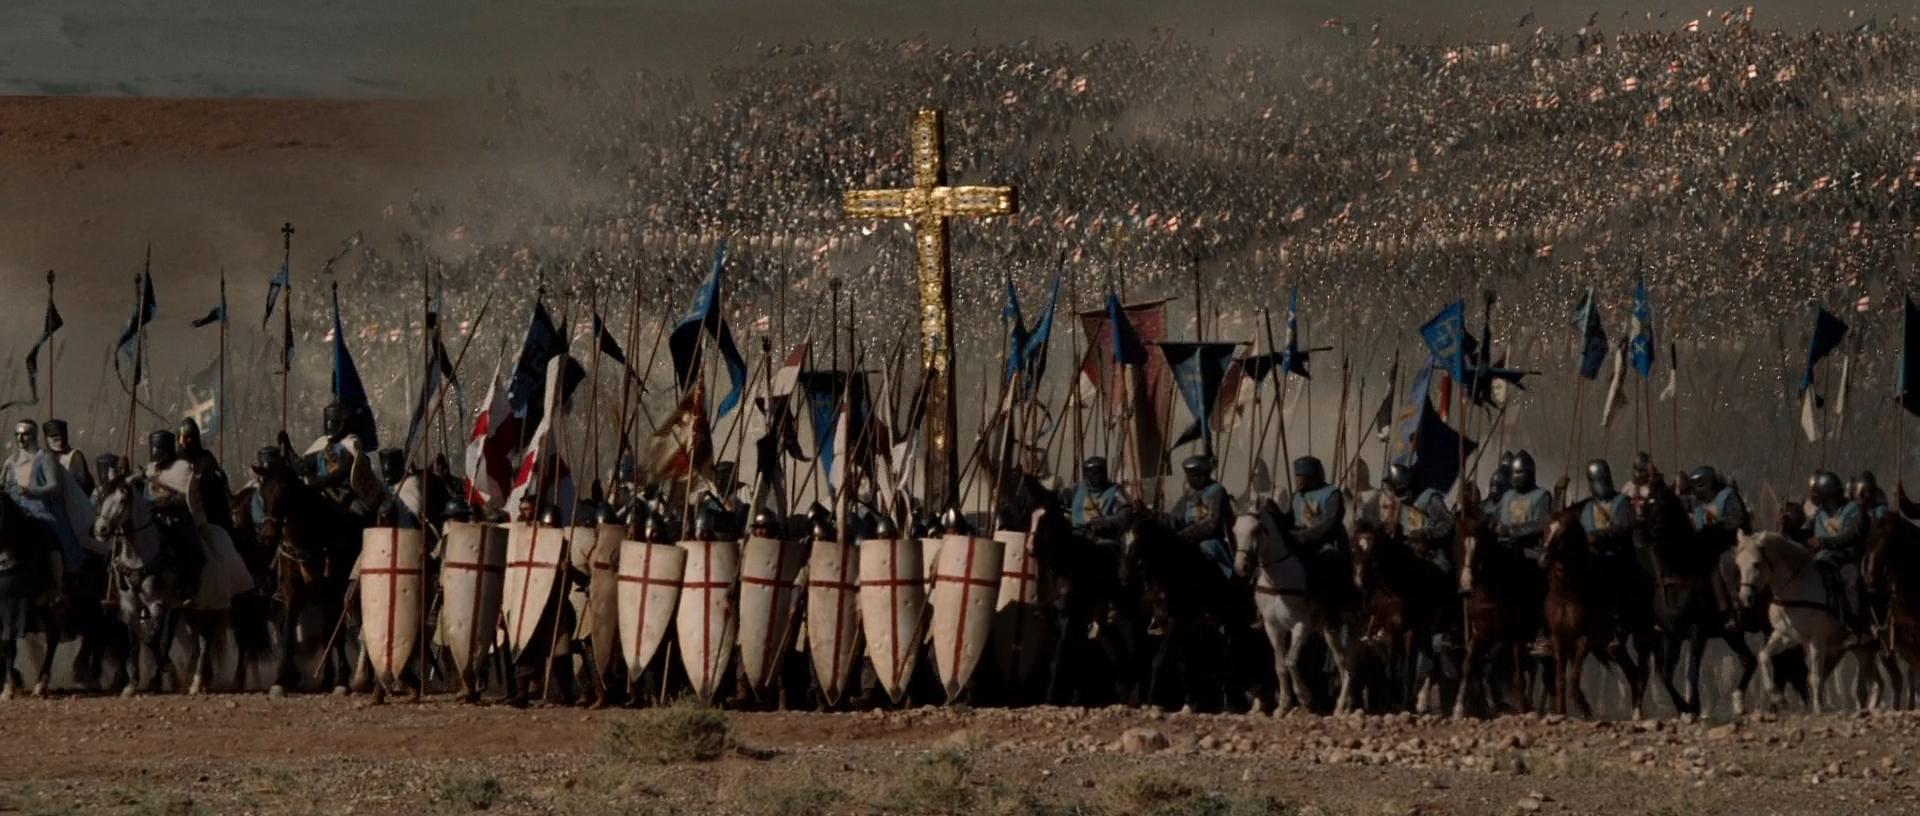 cruzadas_reino-de-los-cielos1